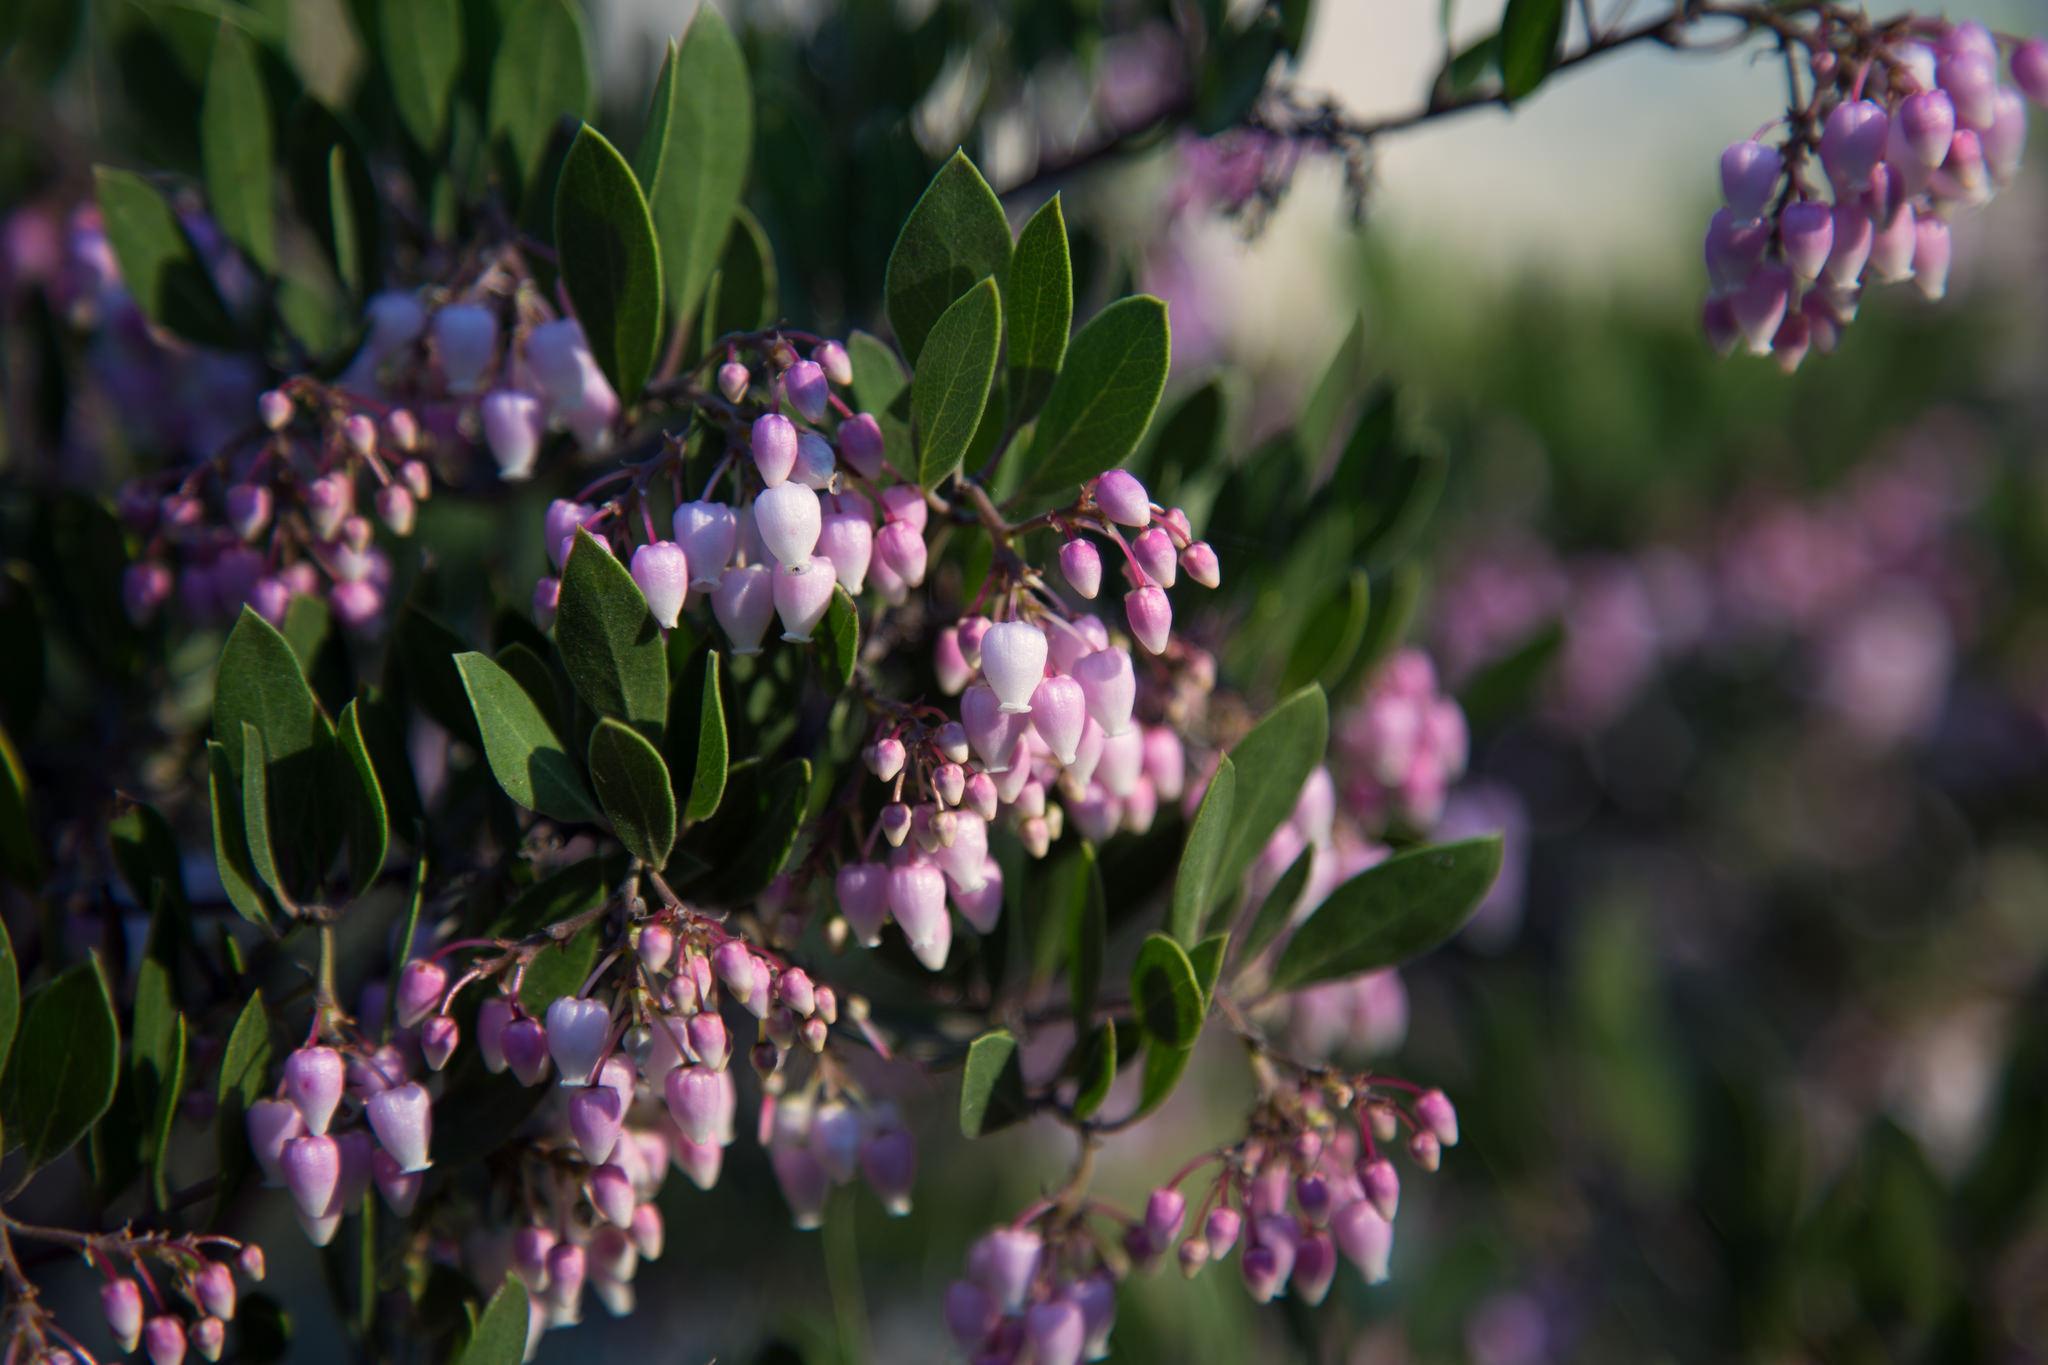 New buds, Descanso Gardens